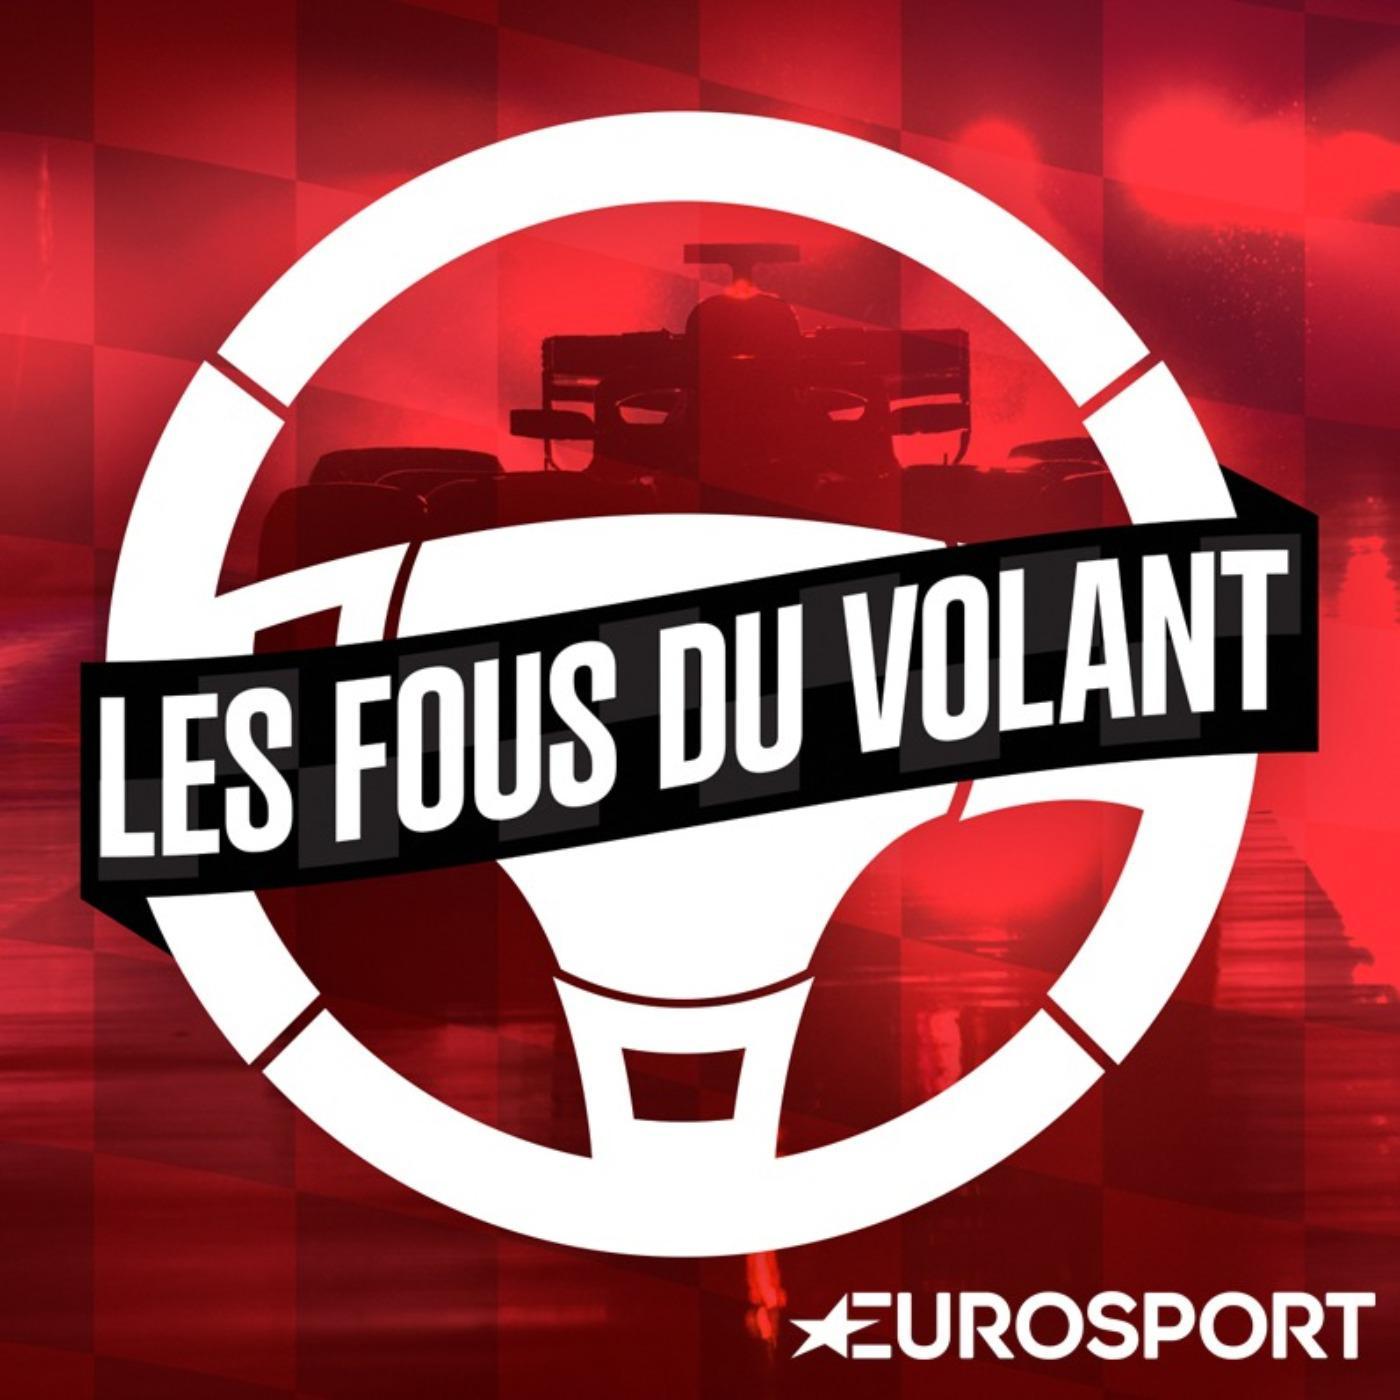 Les fous du volant (podcast)   Eurosport | Listen Notes